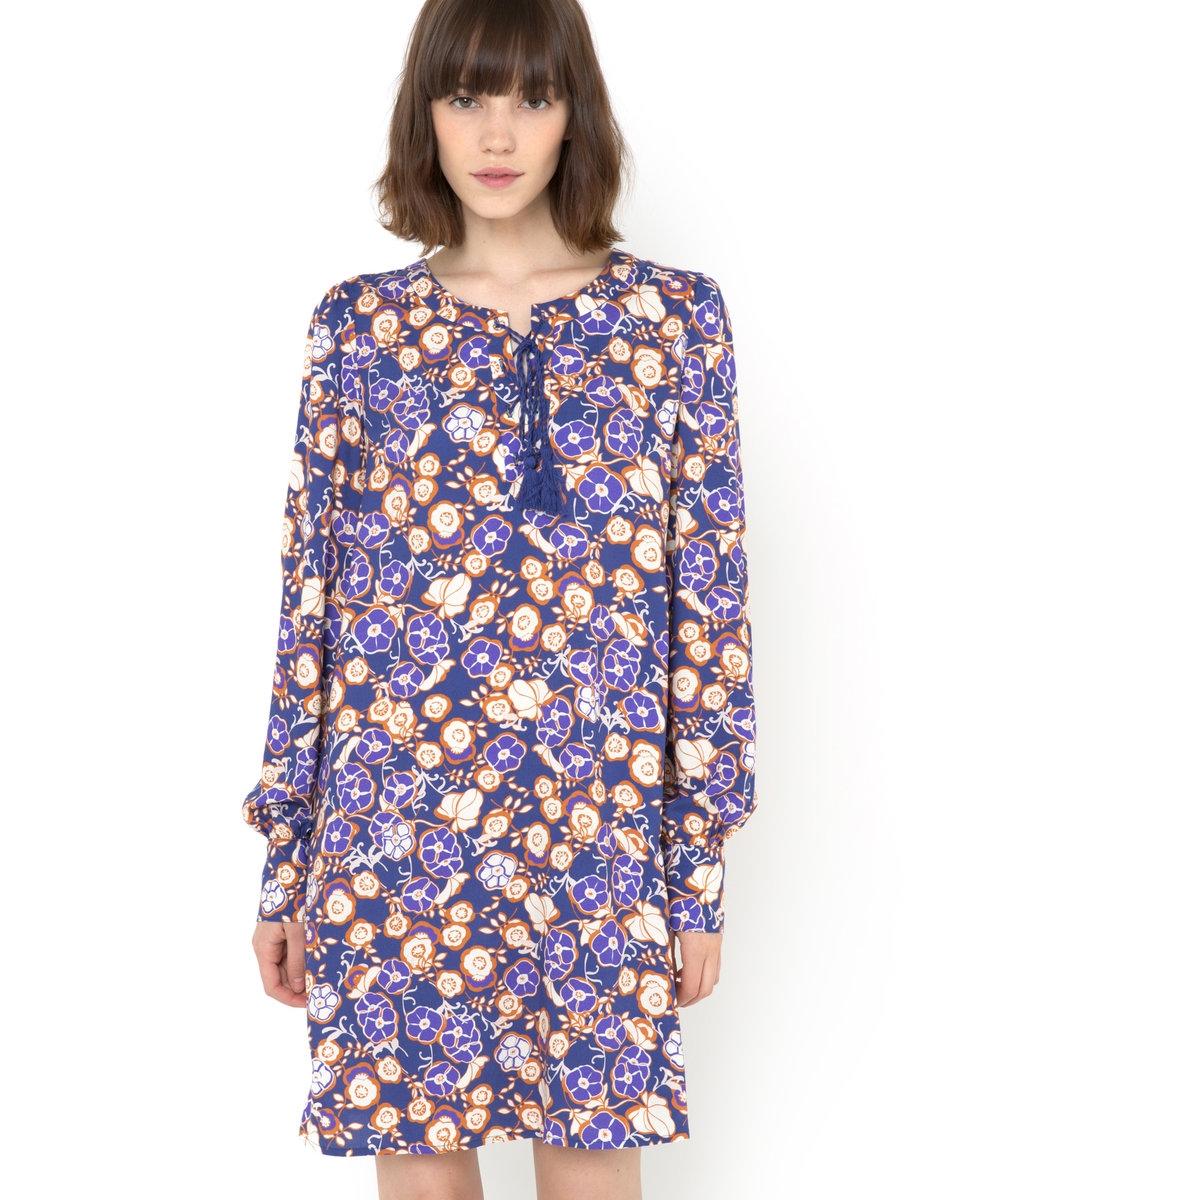 Платье FOLK с цветочным рисункомПлатье FOLK - MADEMOISELLE R. Цветочный сплошной рисунок на фиолетовом фоне. Длинные рукава. Круглый вырез, застежка на пуговицы и завязка с 2 помпонами. Мелкие сборки на плечах. Длинные присобранные манжеты, застежка на 2 пуговицы. Длина ок.88 см. Платье из 100% полиэстера.<br><br>Цвет: набивной рисунок